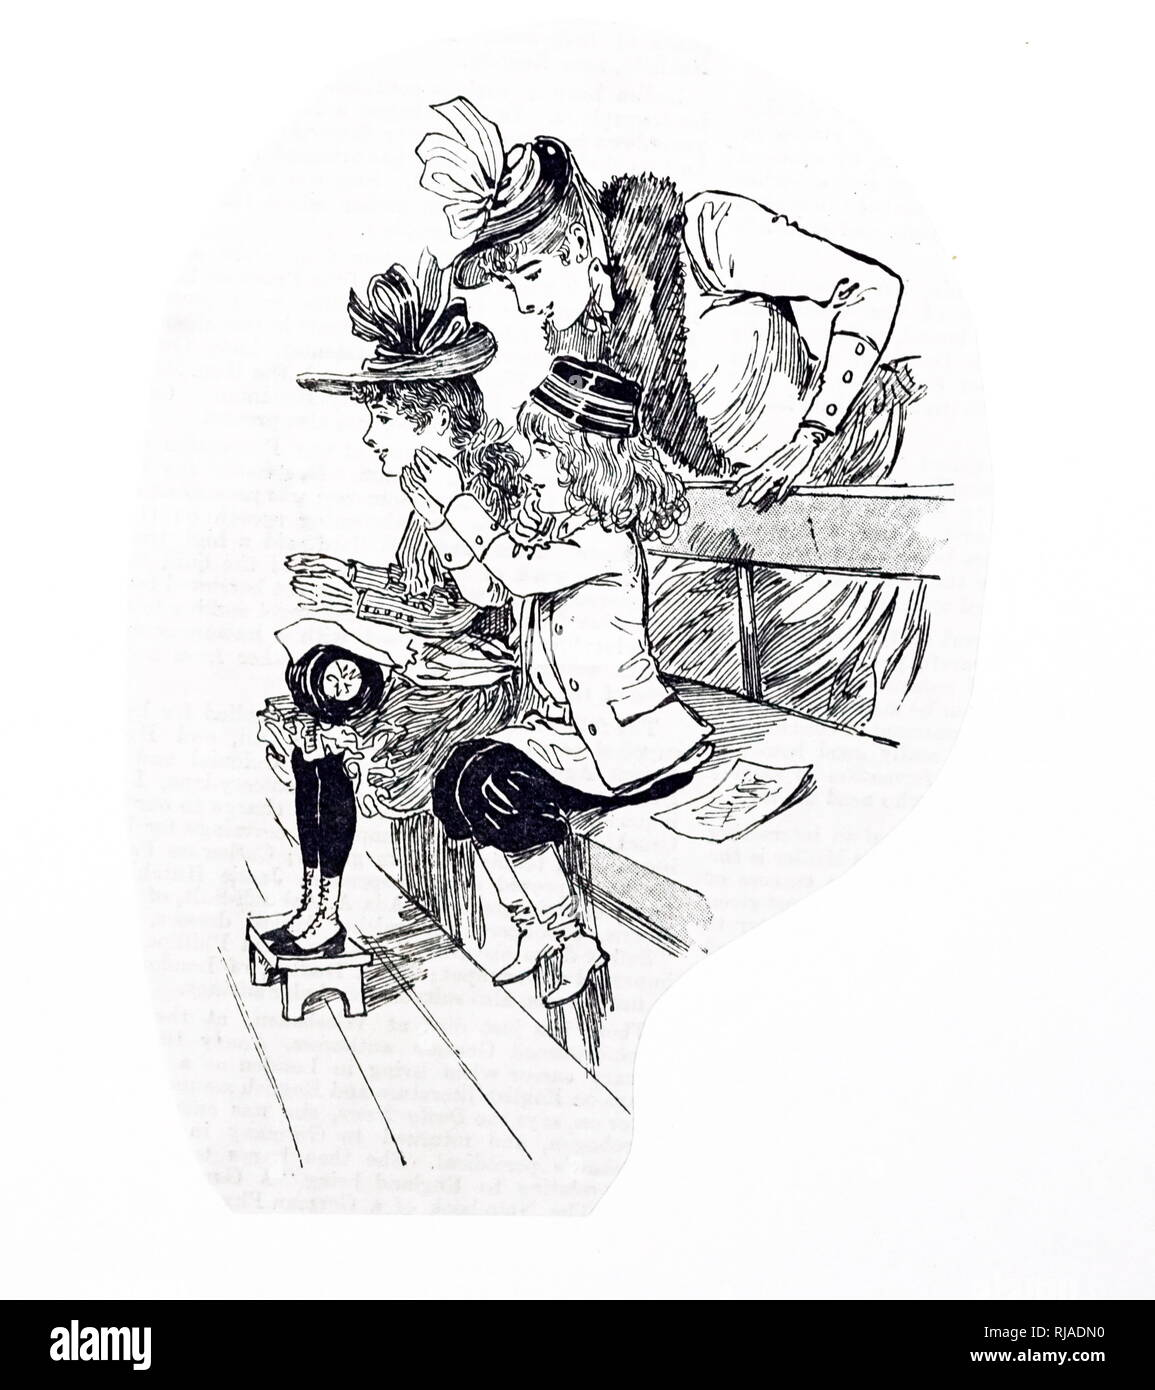 Une gravure représentant des enfants français au cirque, l'un des animations traditionnelles pour Noël. Illustré par Ethel Mars (1876-1959) une estampe de l'artiste et illustrateur de livres pour enfants. En date du 19e siècle Photo Stock